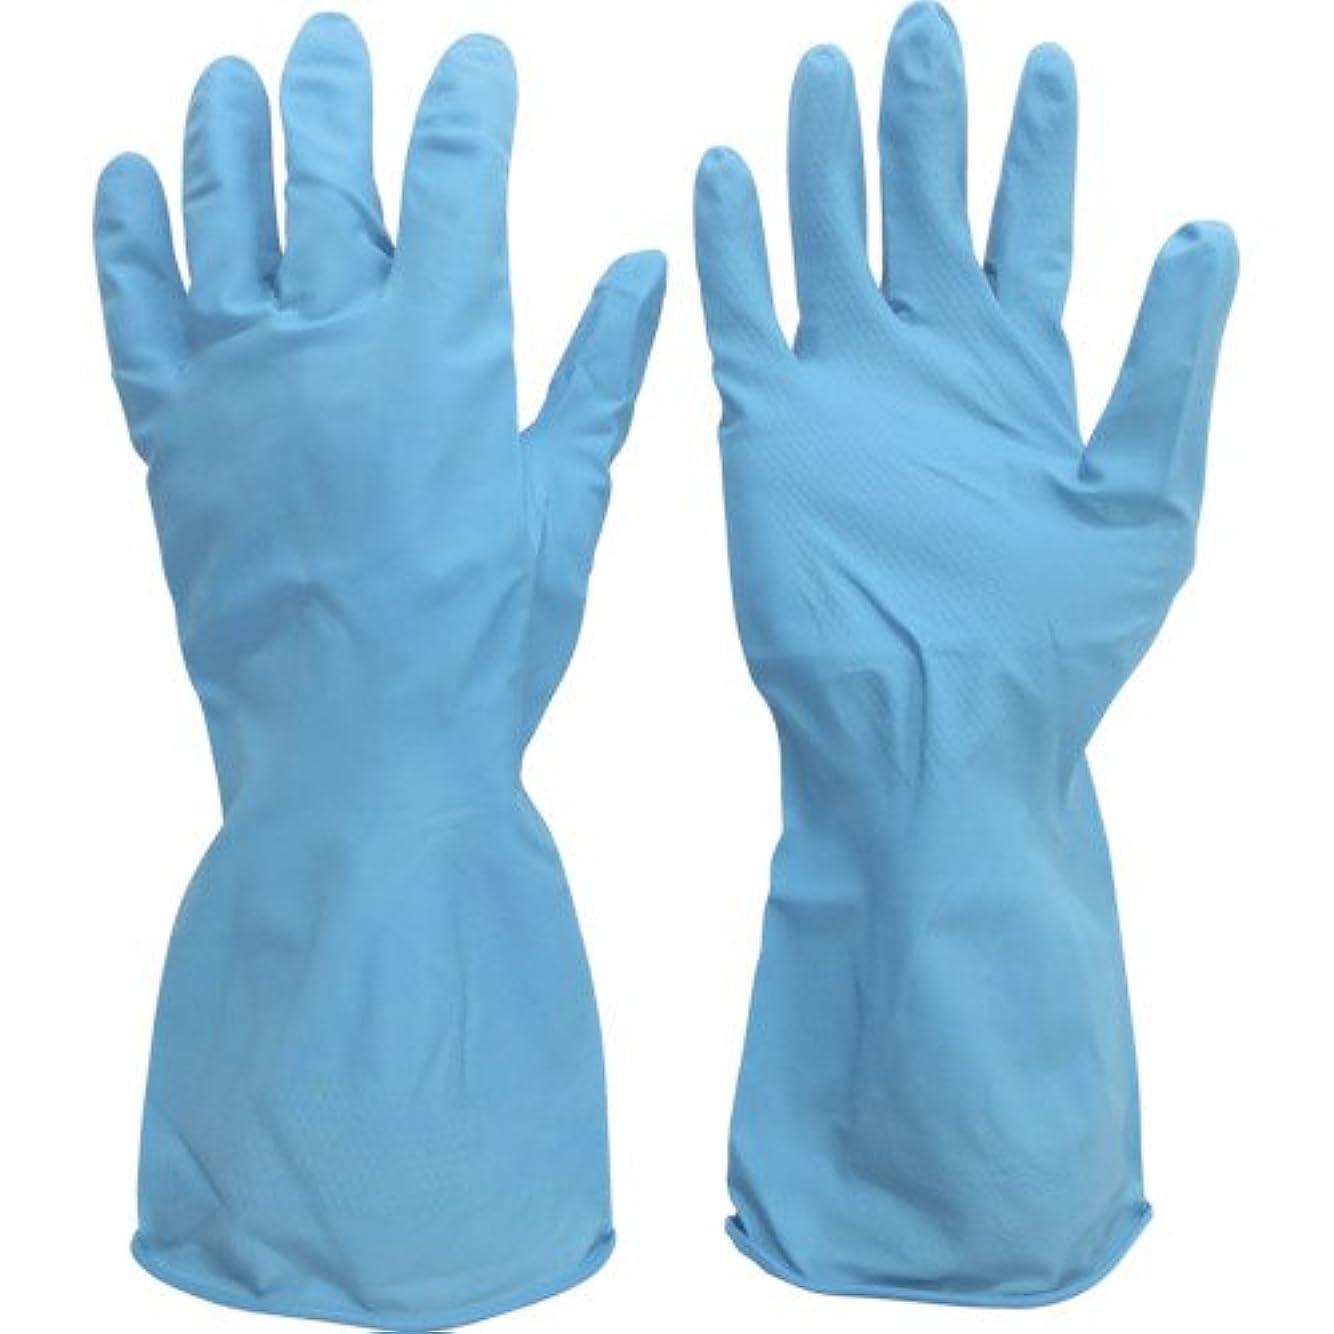 金属秘書マングルミドリ安全 ニトリル薄手手袋 ベルテ270 1双入 S VERTE-270-S